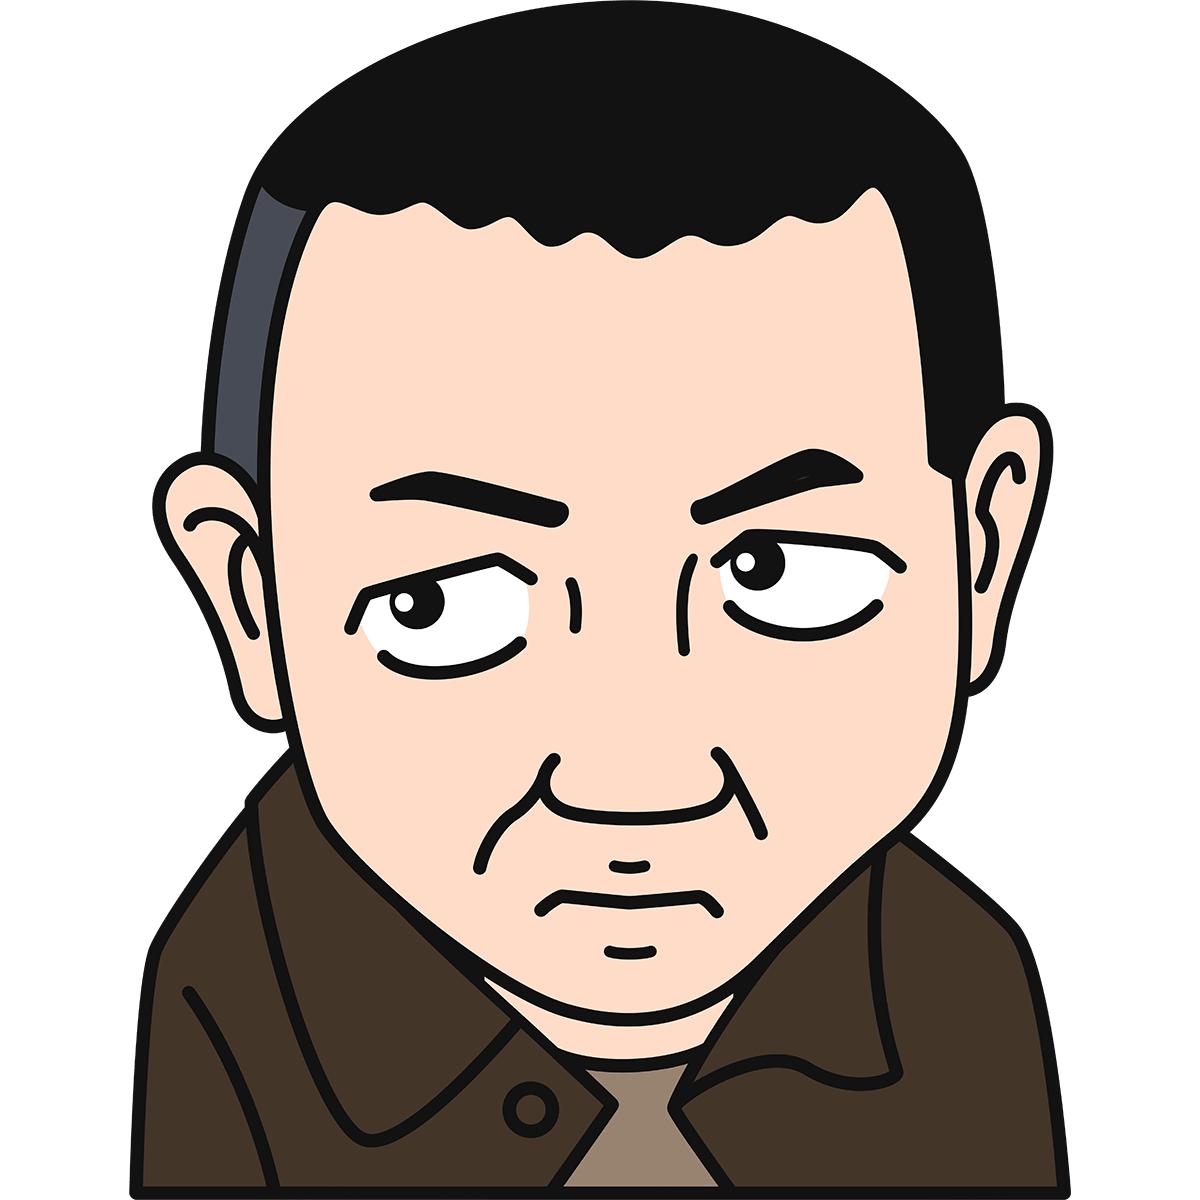 宮沢賢治の無料イラスト